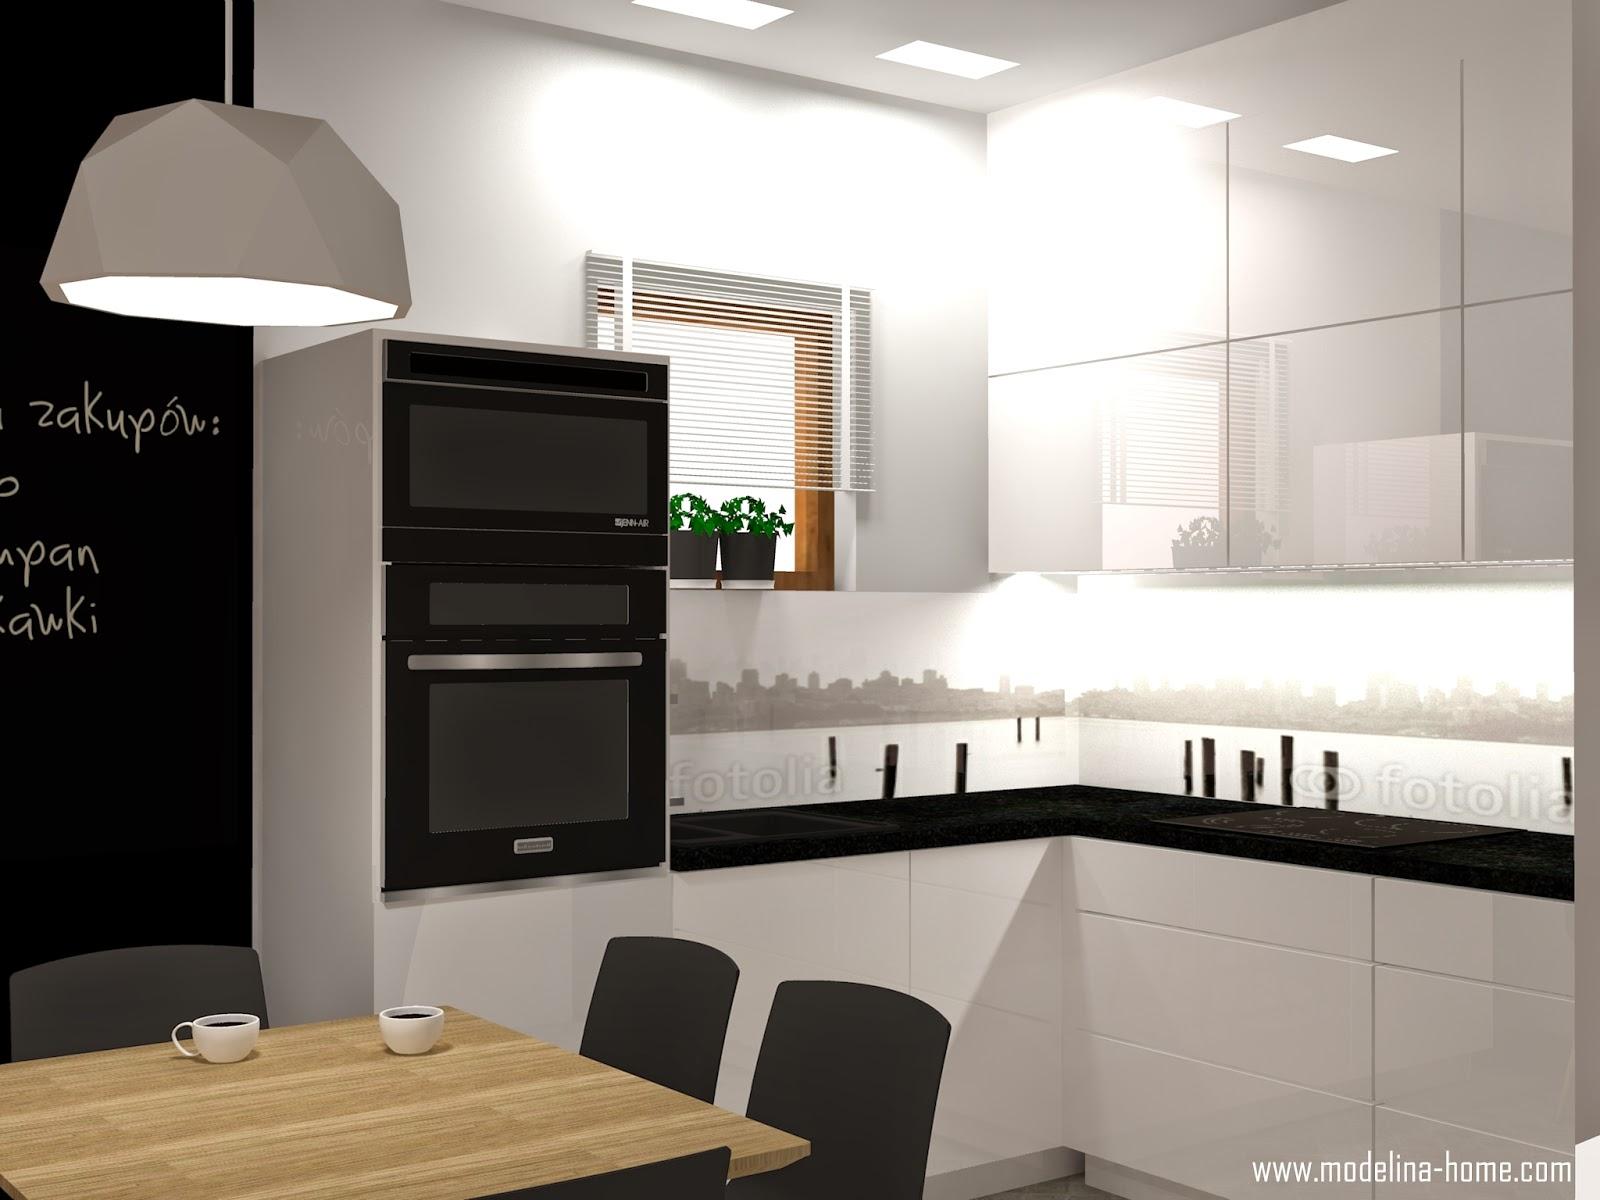 Modelina Kuchnia Bialo Czarna